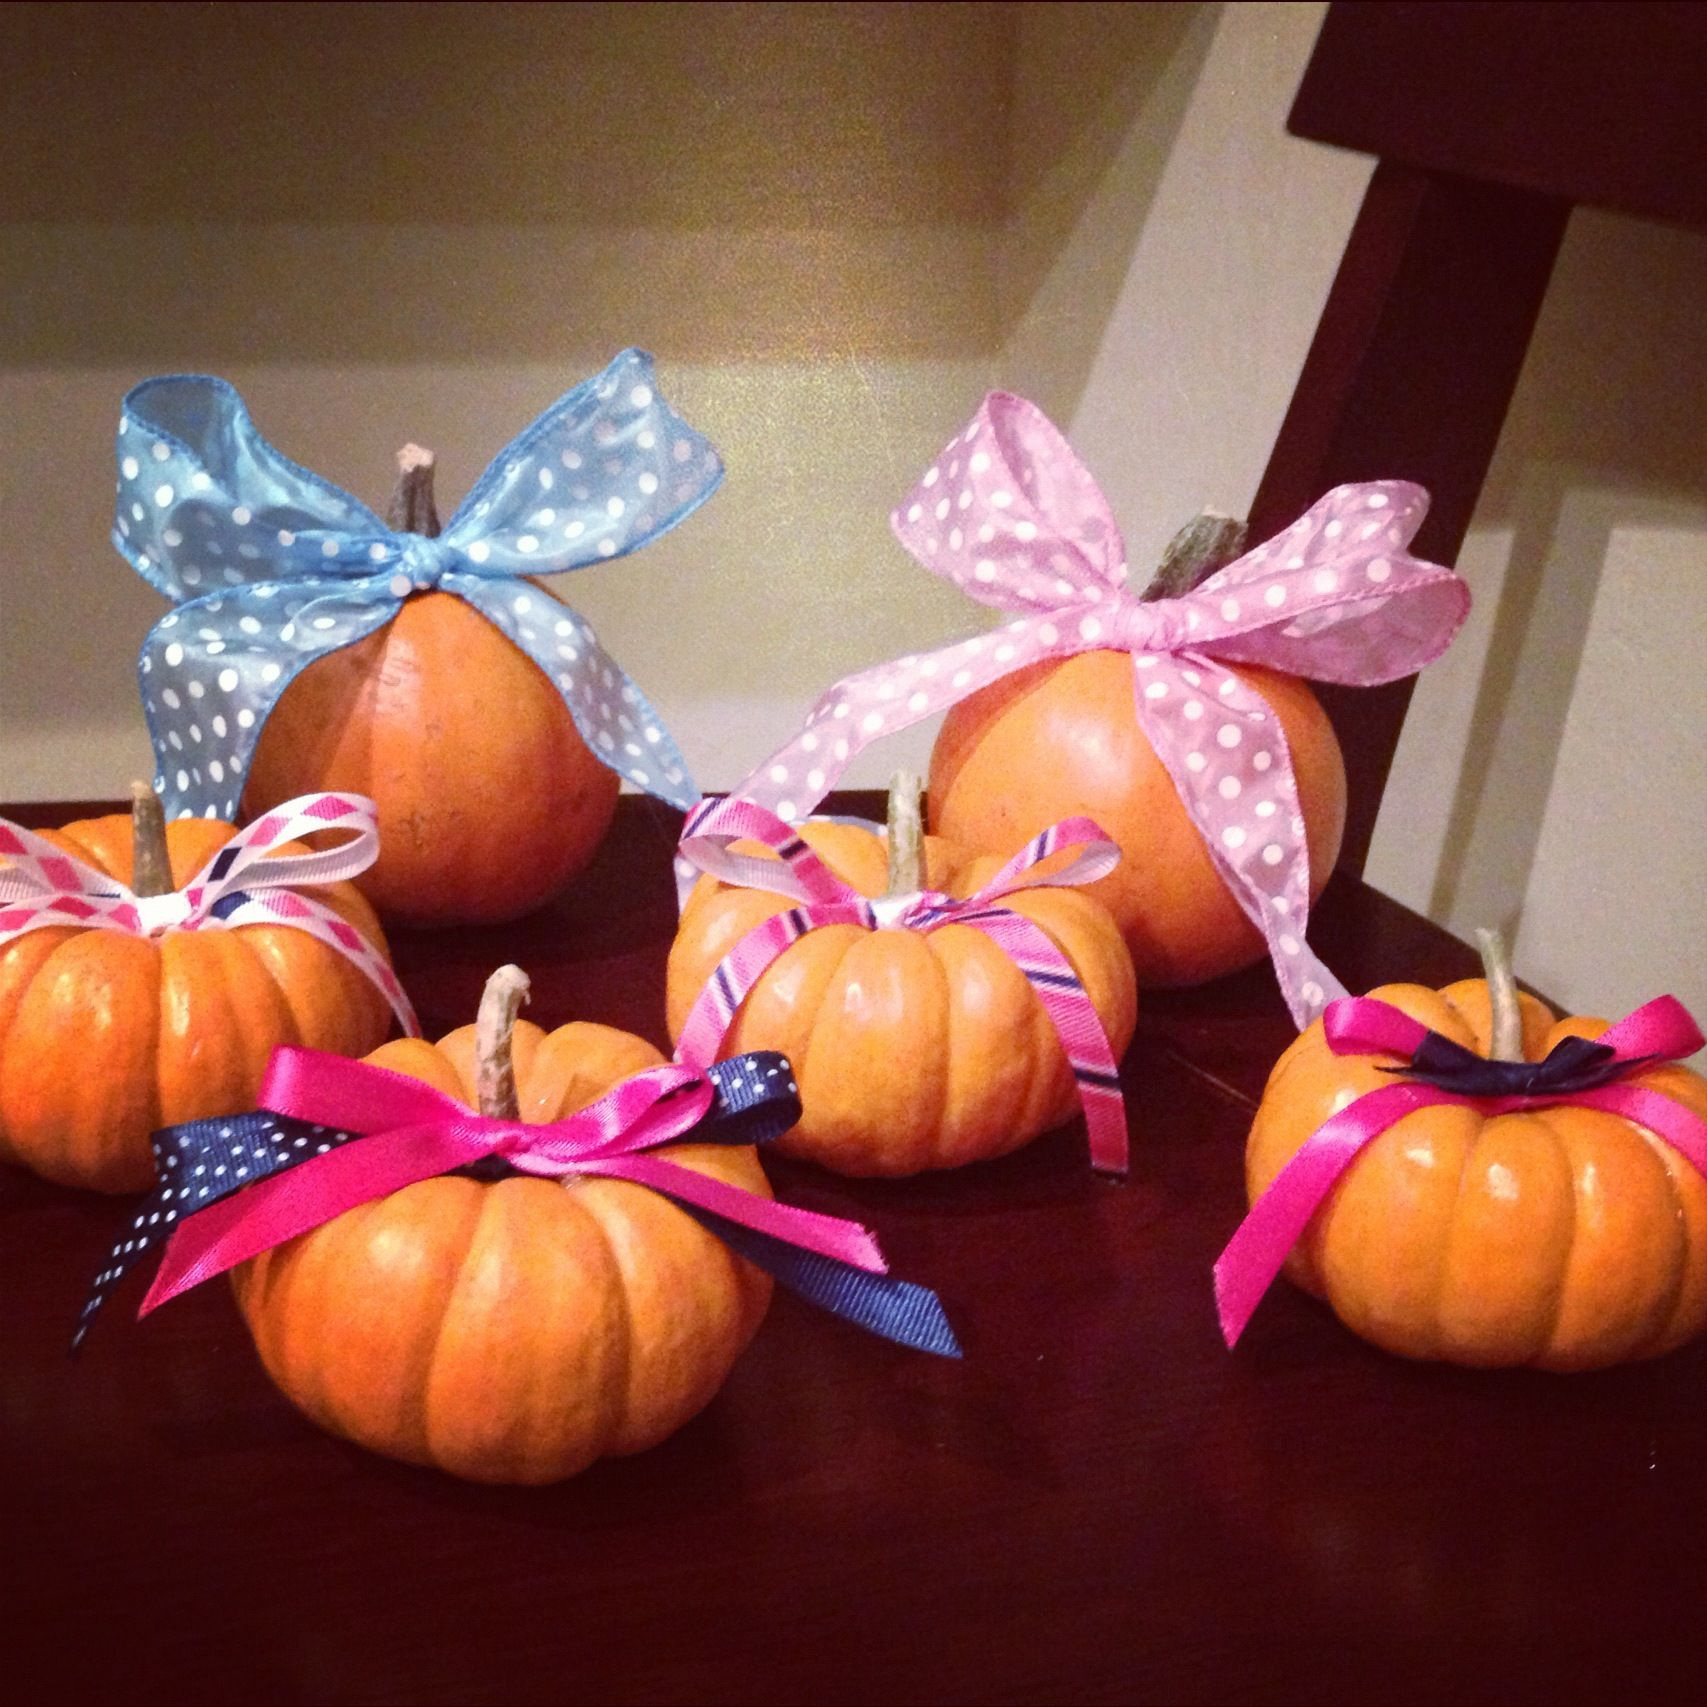 Pink And Blue Pumpkin Babies Halloween Gender Reveal Party Pumpkin Gender Reveal Baby Gender Reveal Party Gender Reveal Party